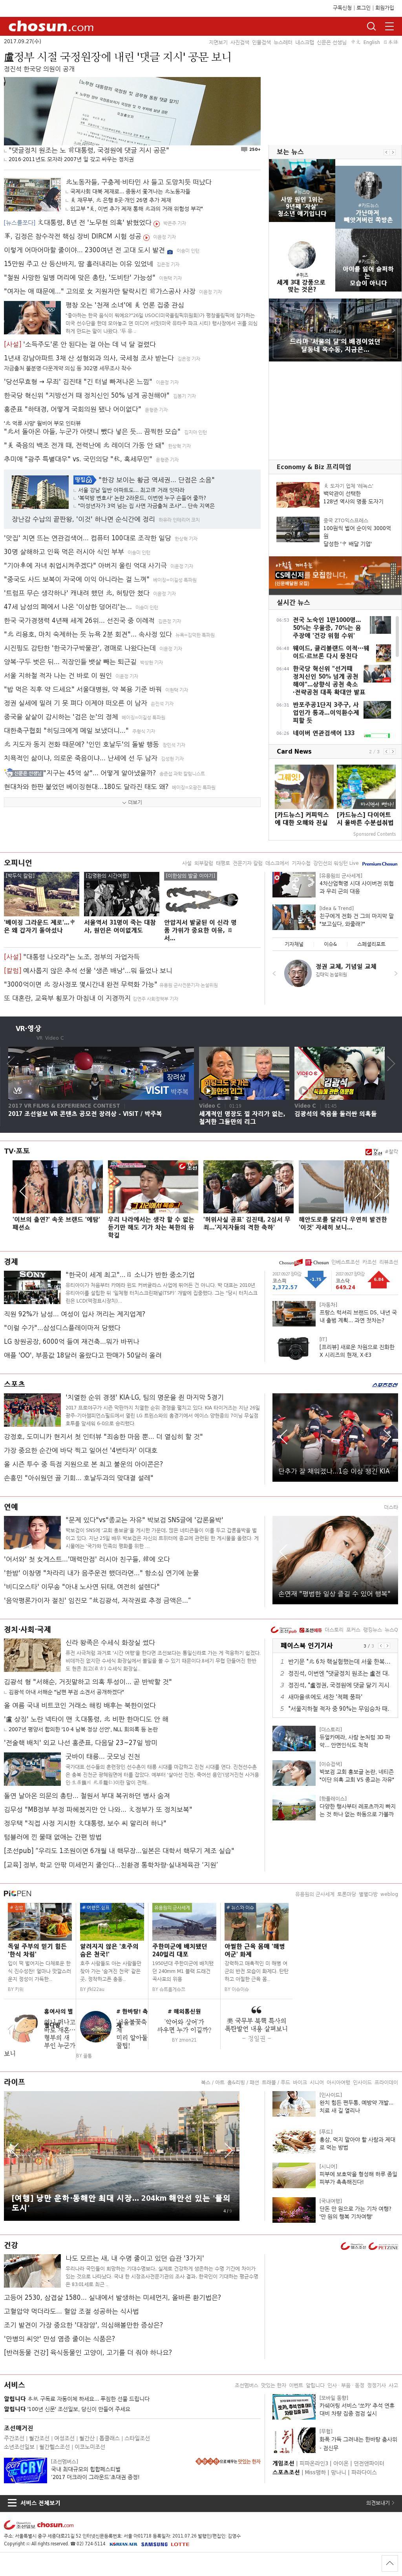 chosun.com at Wednesday Sept. 27, 2017, 7:01 a.m. UTC